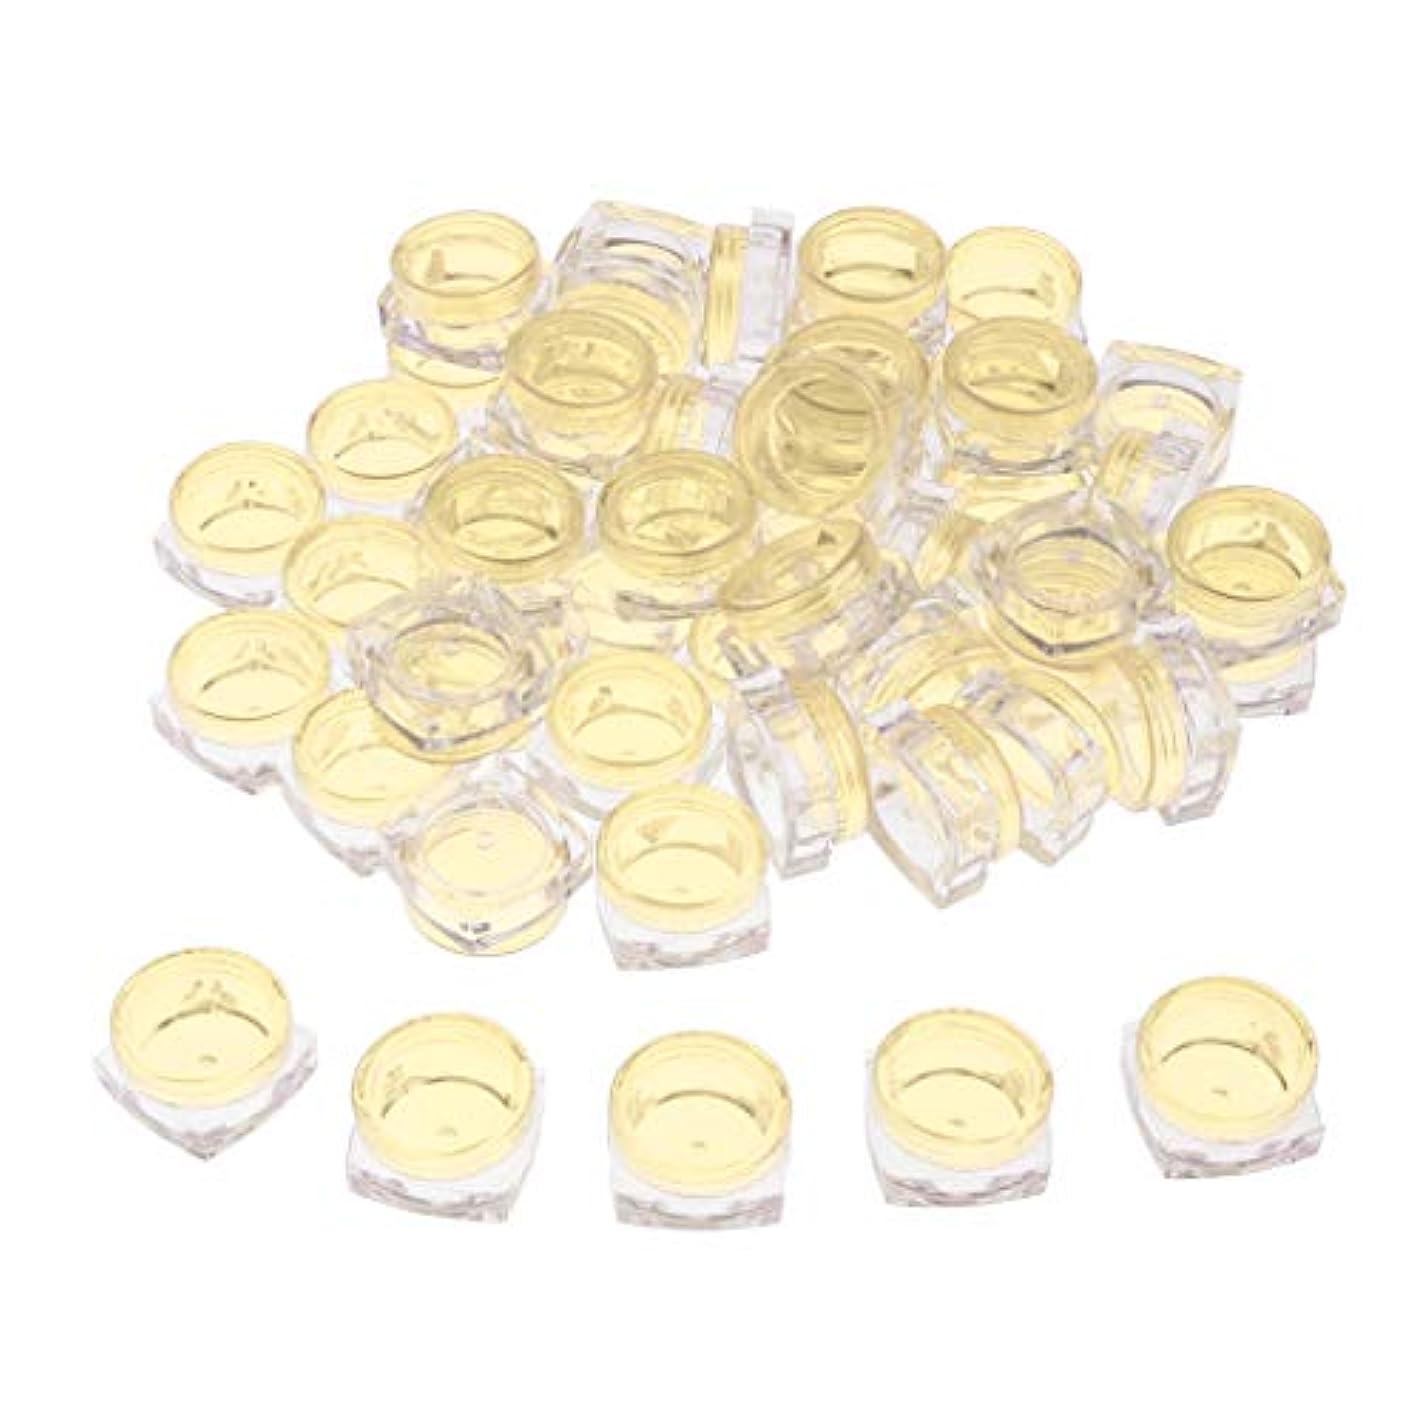 ハウジングわざわざ予約クリア 小分けケース 化粧品収納容器 詰め替え容器 クリームケース 5g 50個セット - 黄